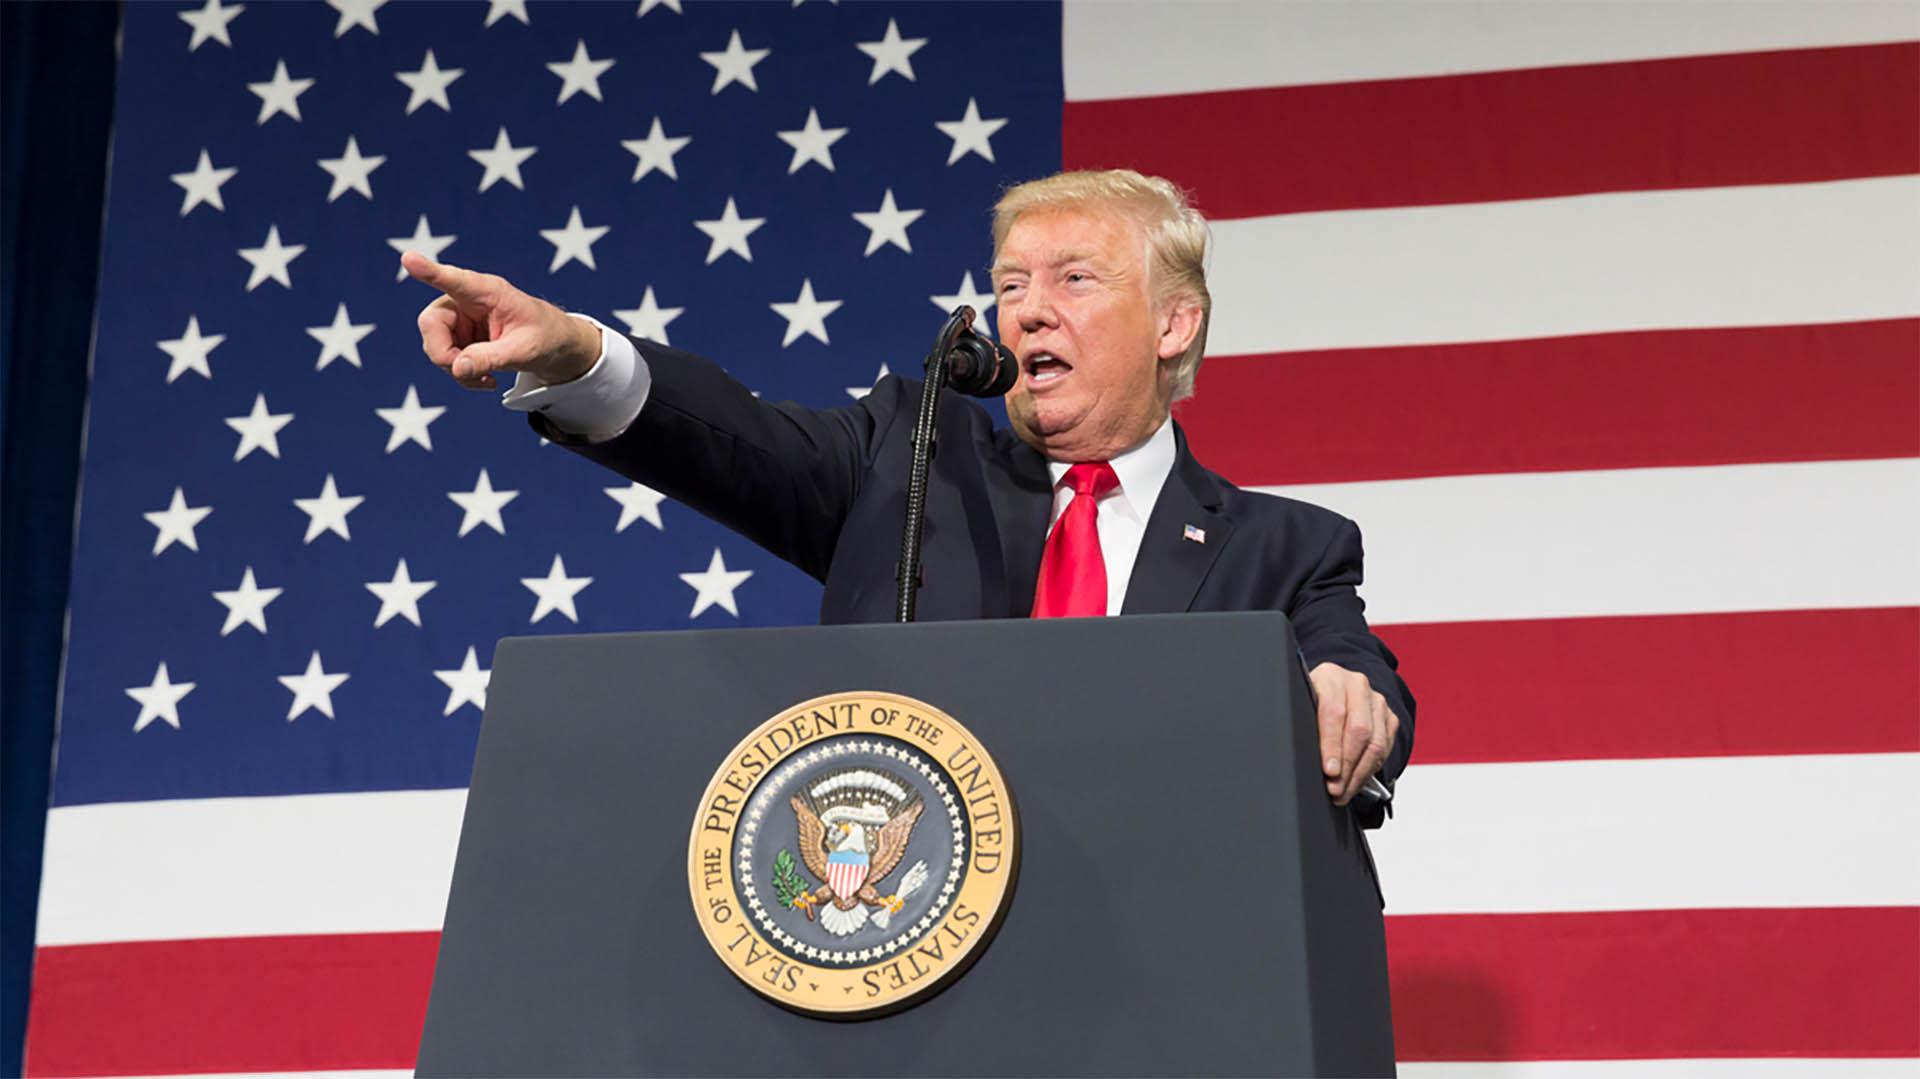 US-Präsident Donald Trump (hier bei einer Veranstaltung im August letzten Jahres) hat am Donnerstag den traditionellen Nationalen Gebetstag ausgerufen